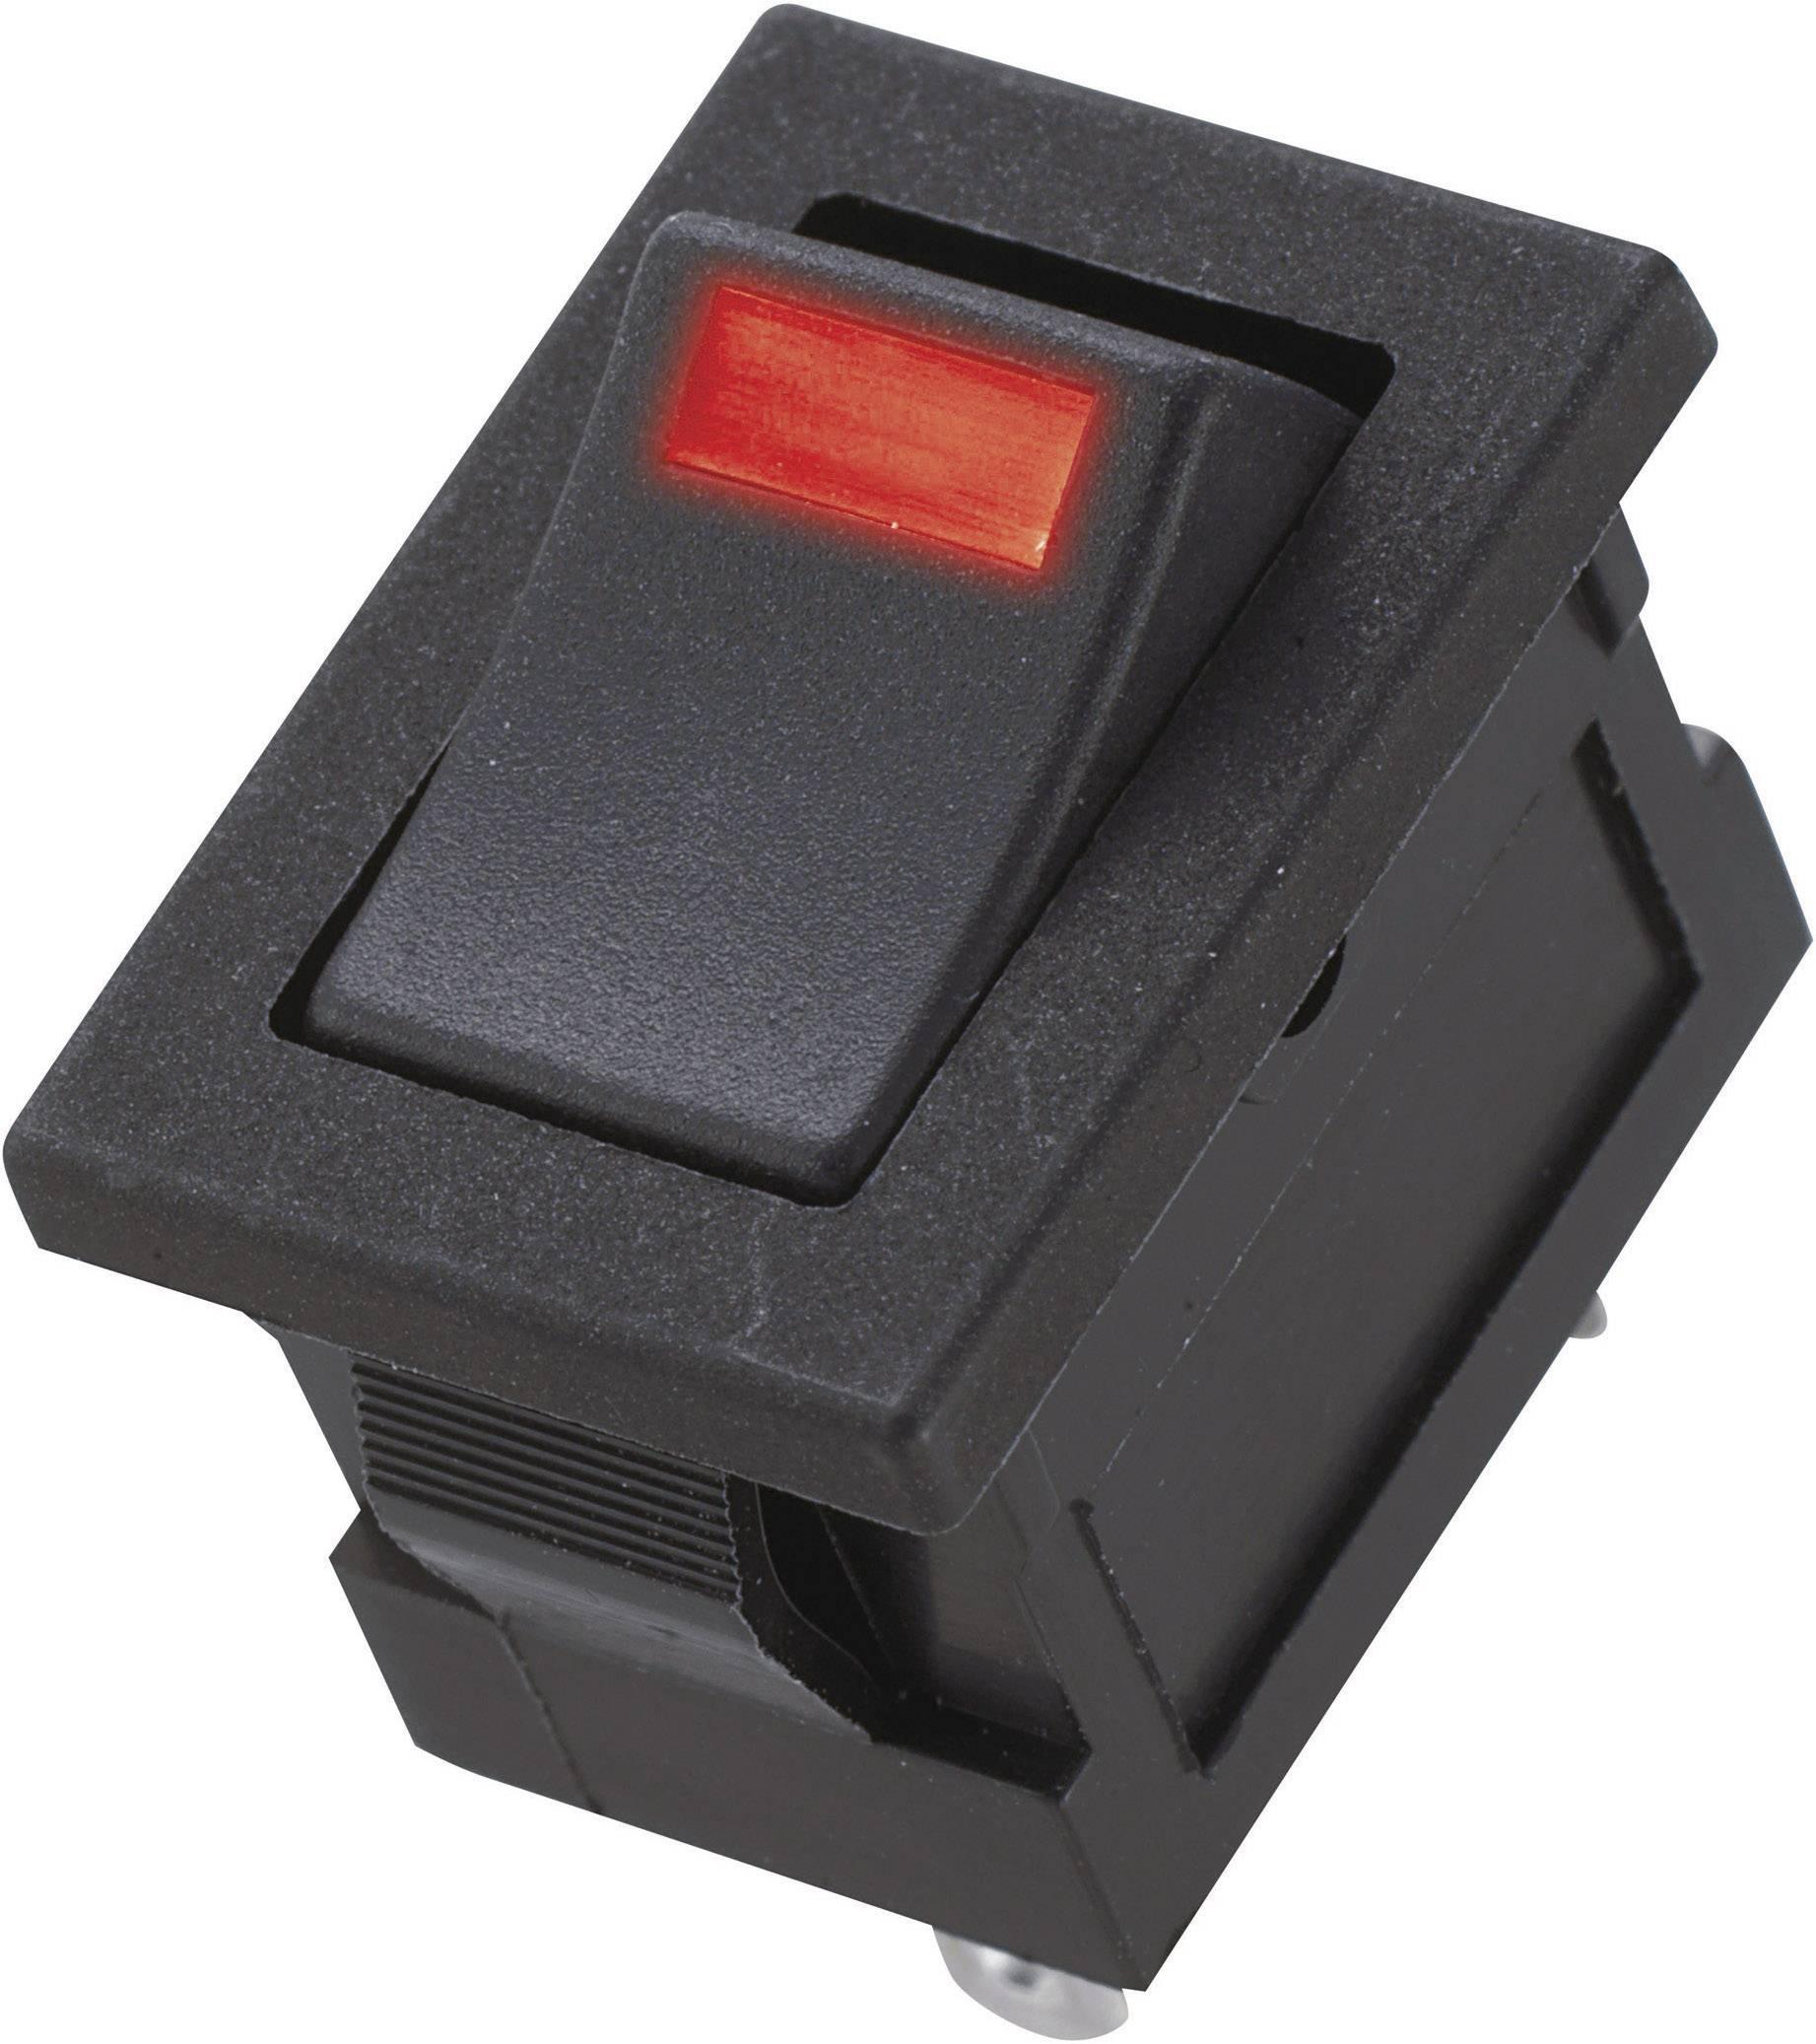 Kolískový spínač s aretáciou Miyama DS-850-K-F1-LR, 250 V/AC, 3 A, 1x vyp/zap, Farba svetla: červená, 1 ks